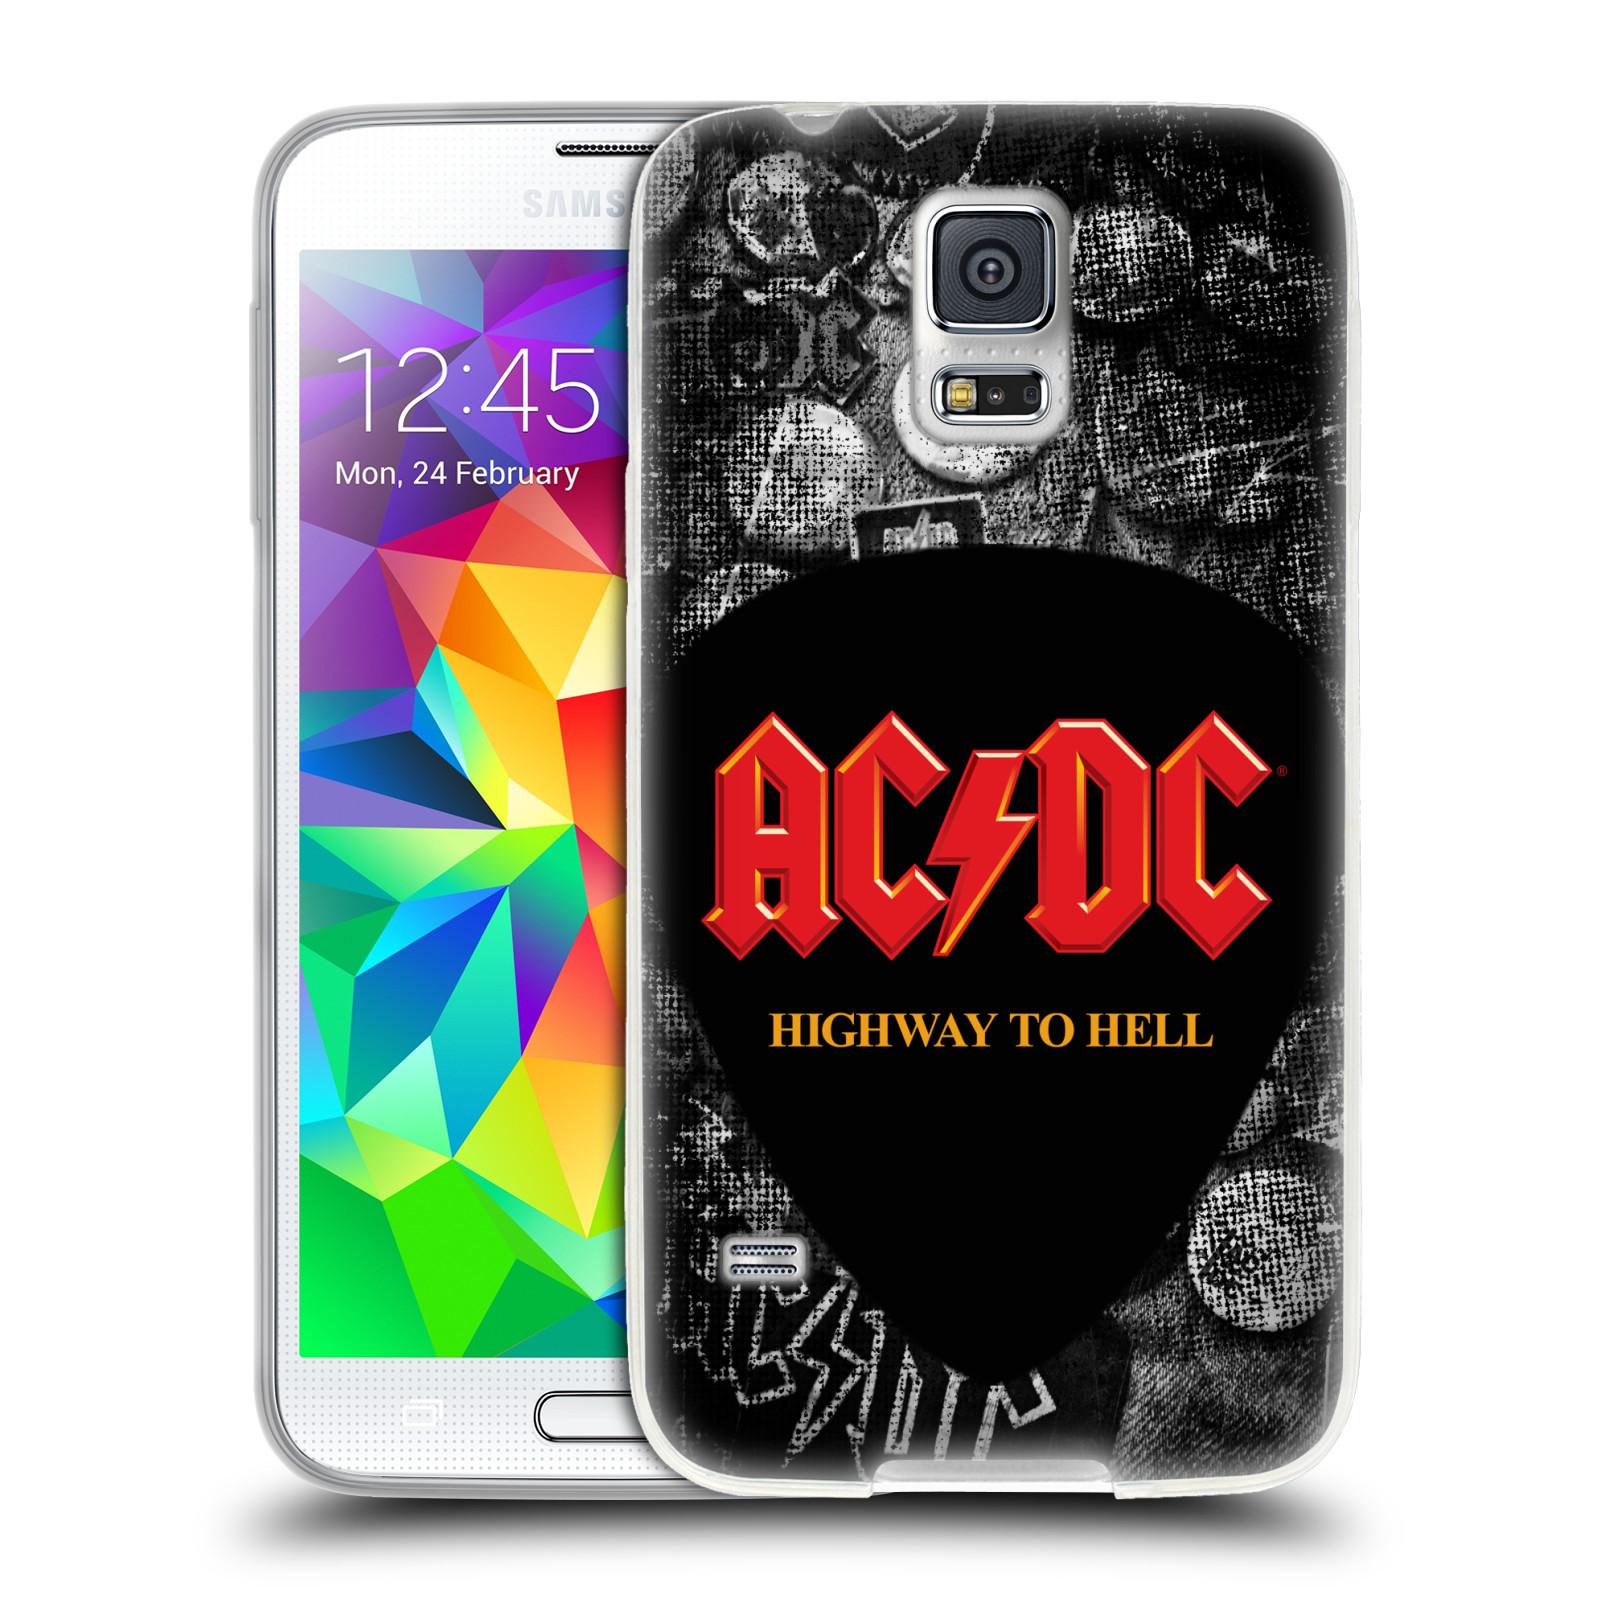 HEAD CASE silikonový obal na mobil Samsung Galaxy S5 rocková skupina ACDC logo Highway to Hell trsátko